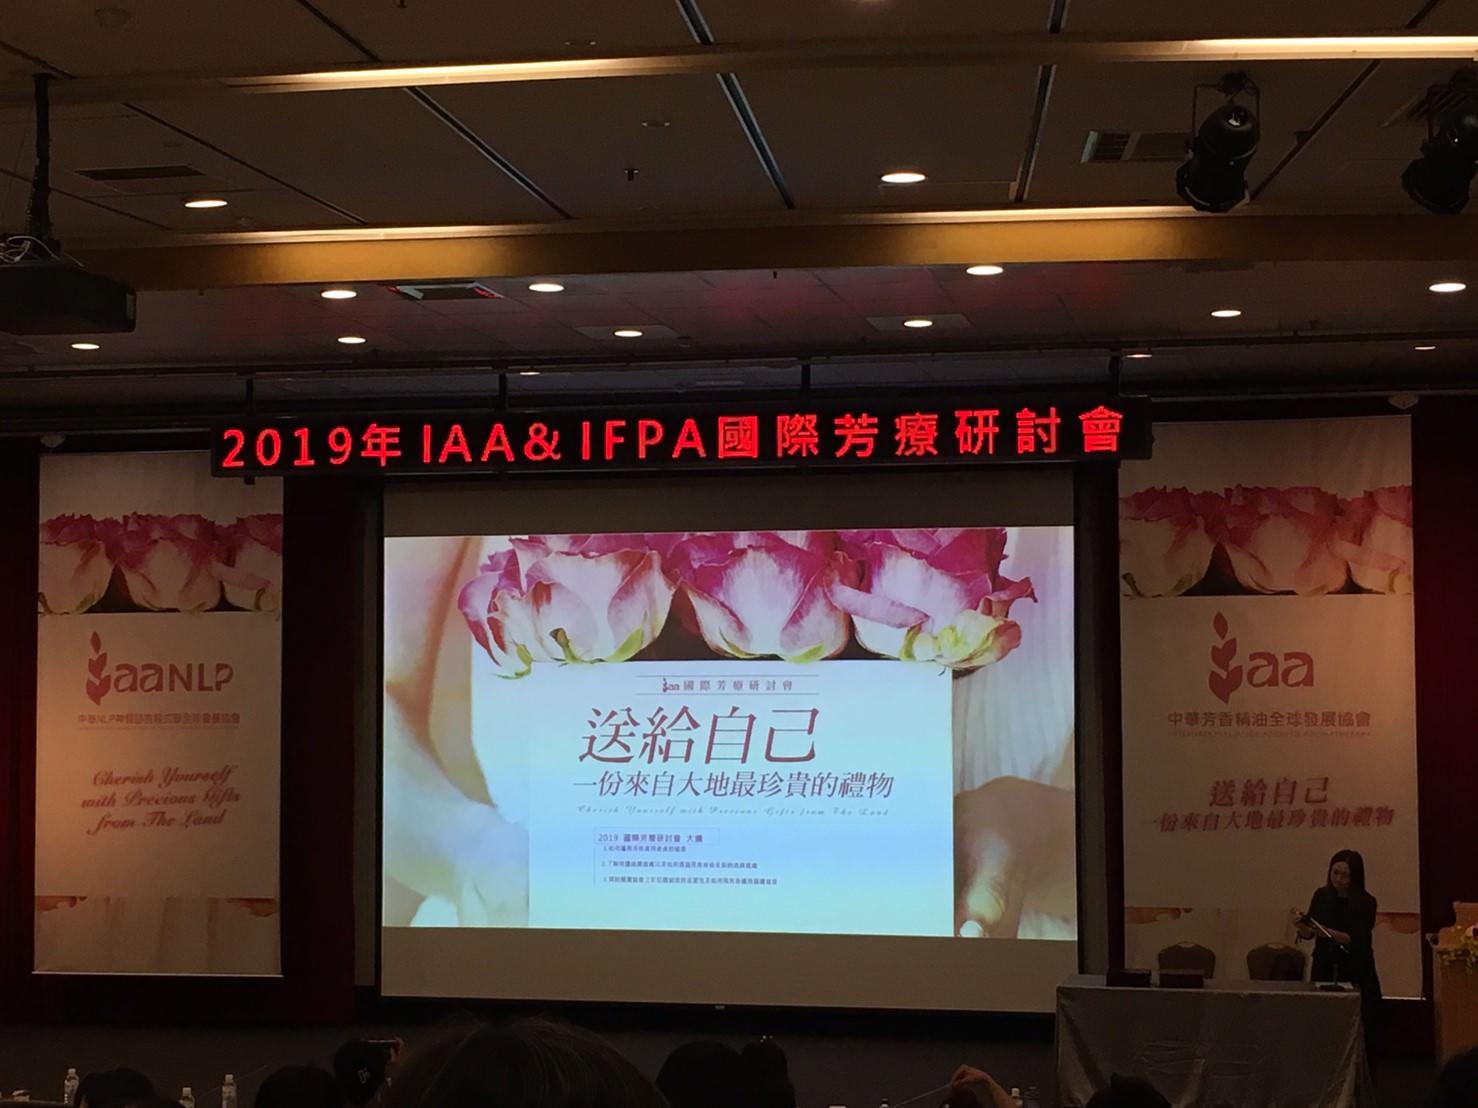 Iaa2019芳療研討會